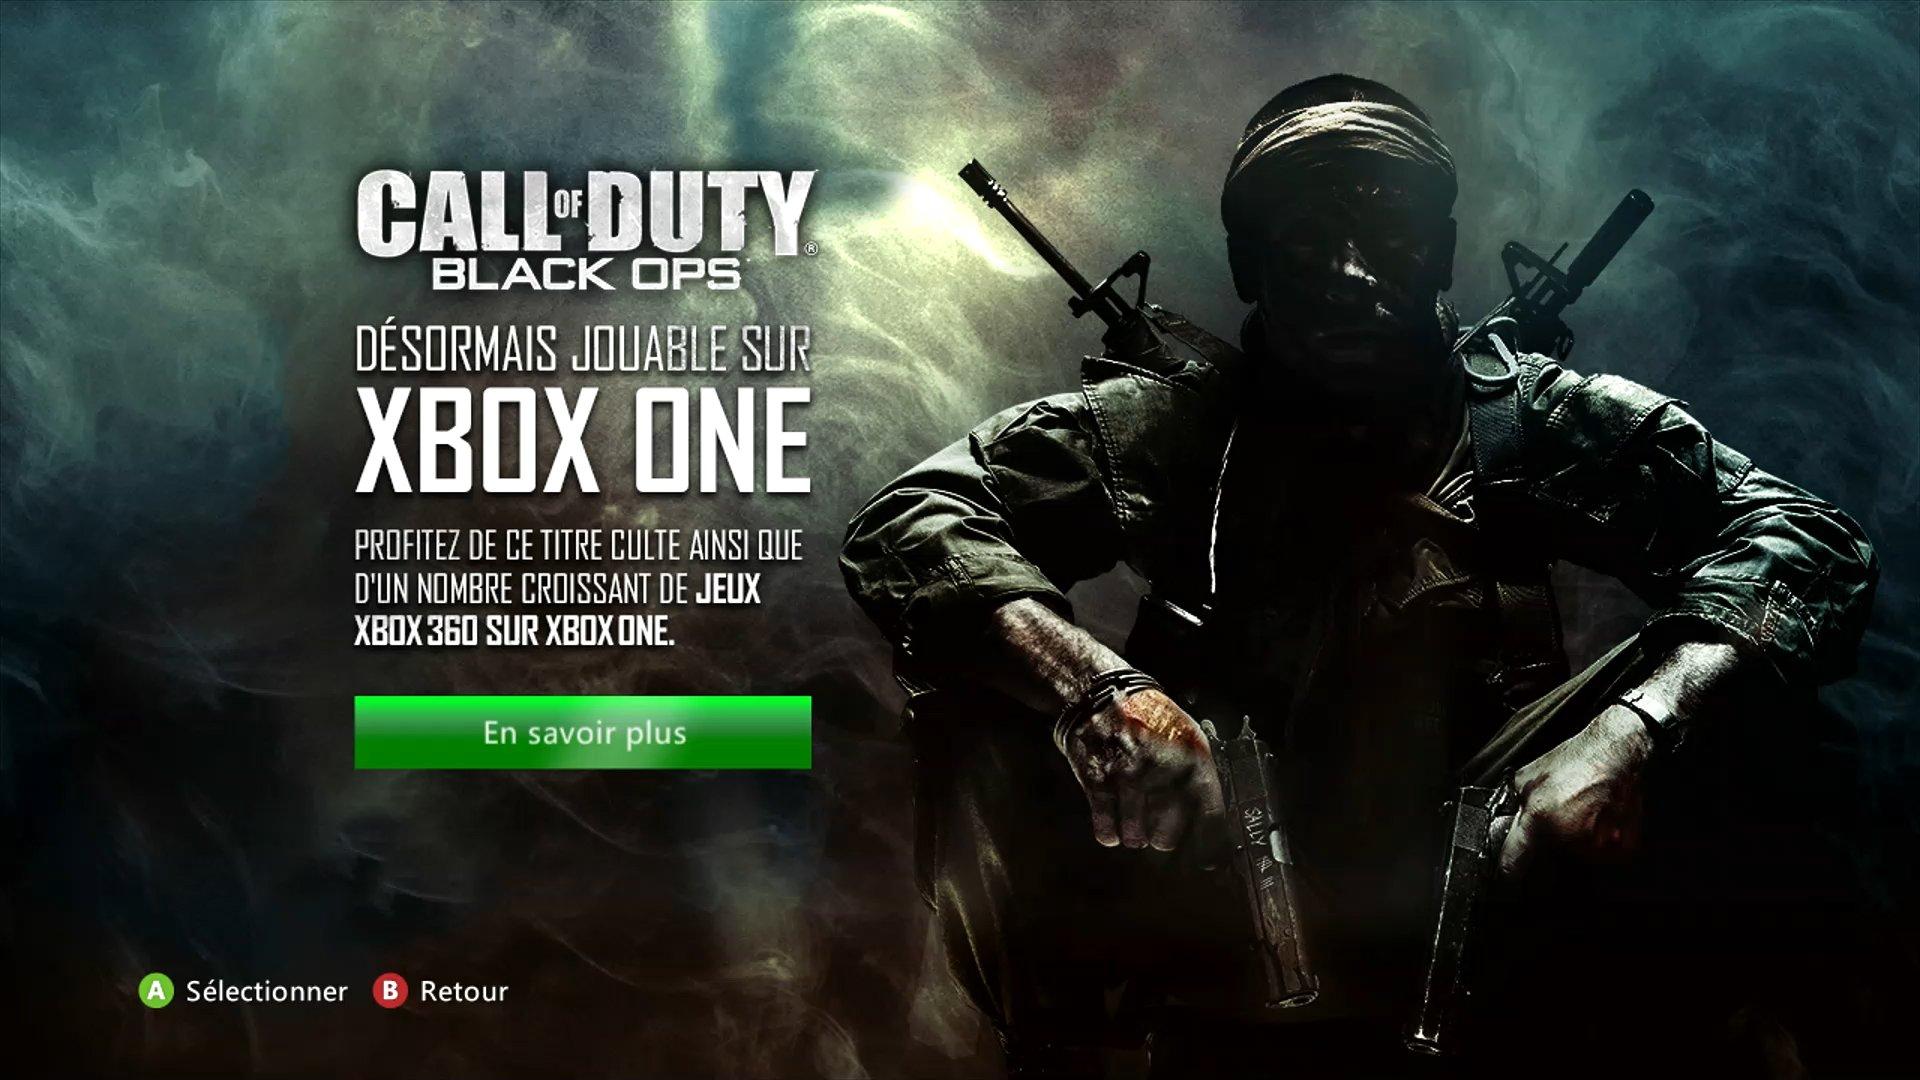 Xbox One Call Of Duty Black Ops 2 [MàJ] Rétroc...